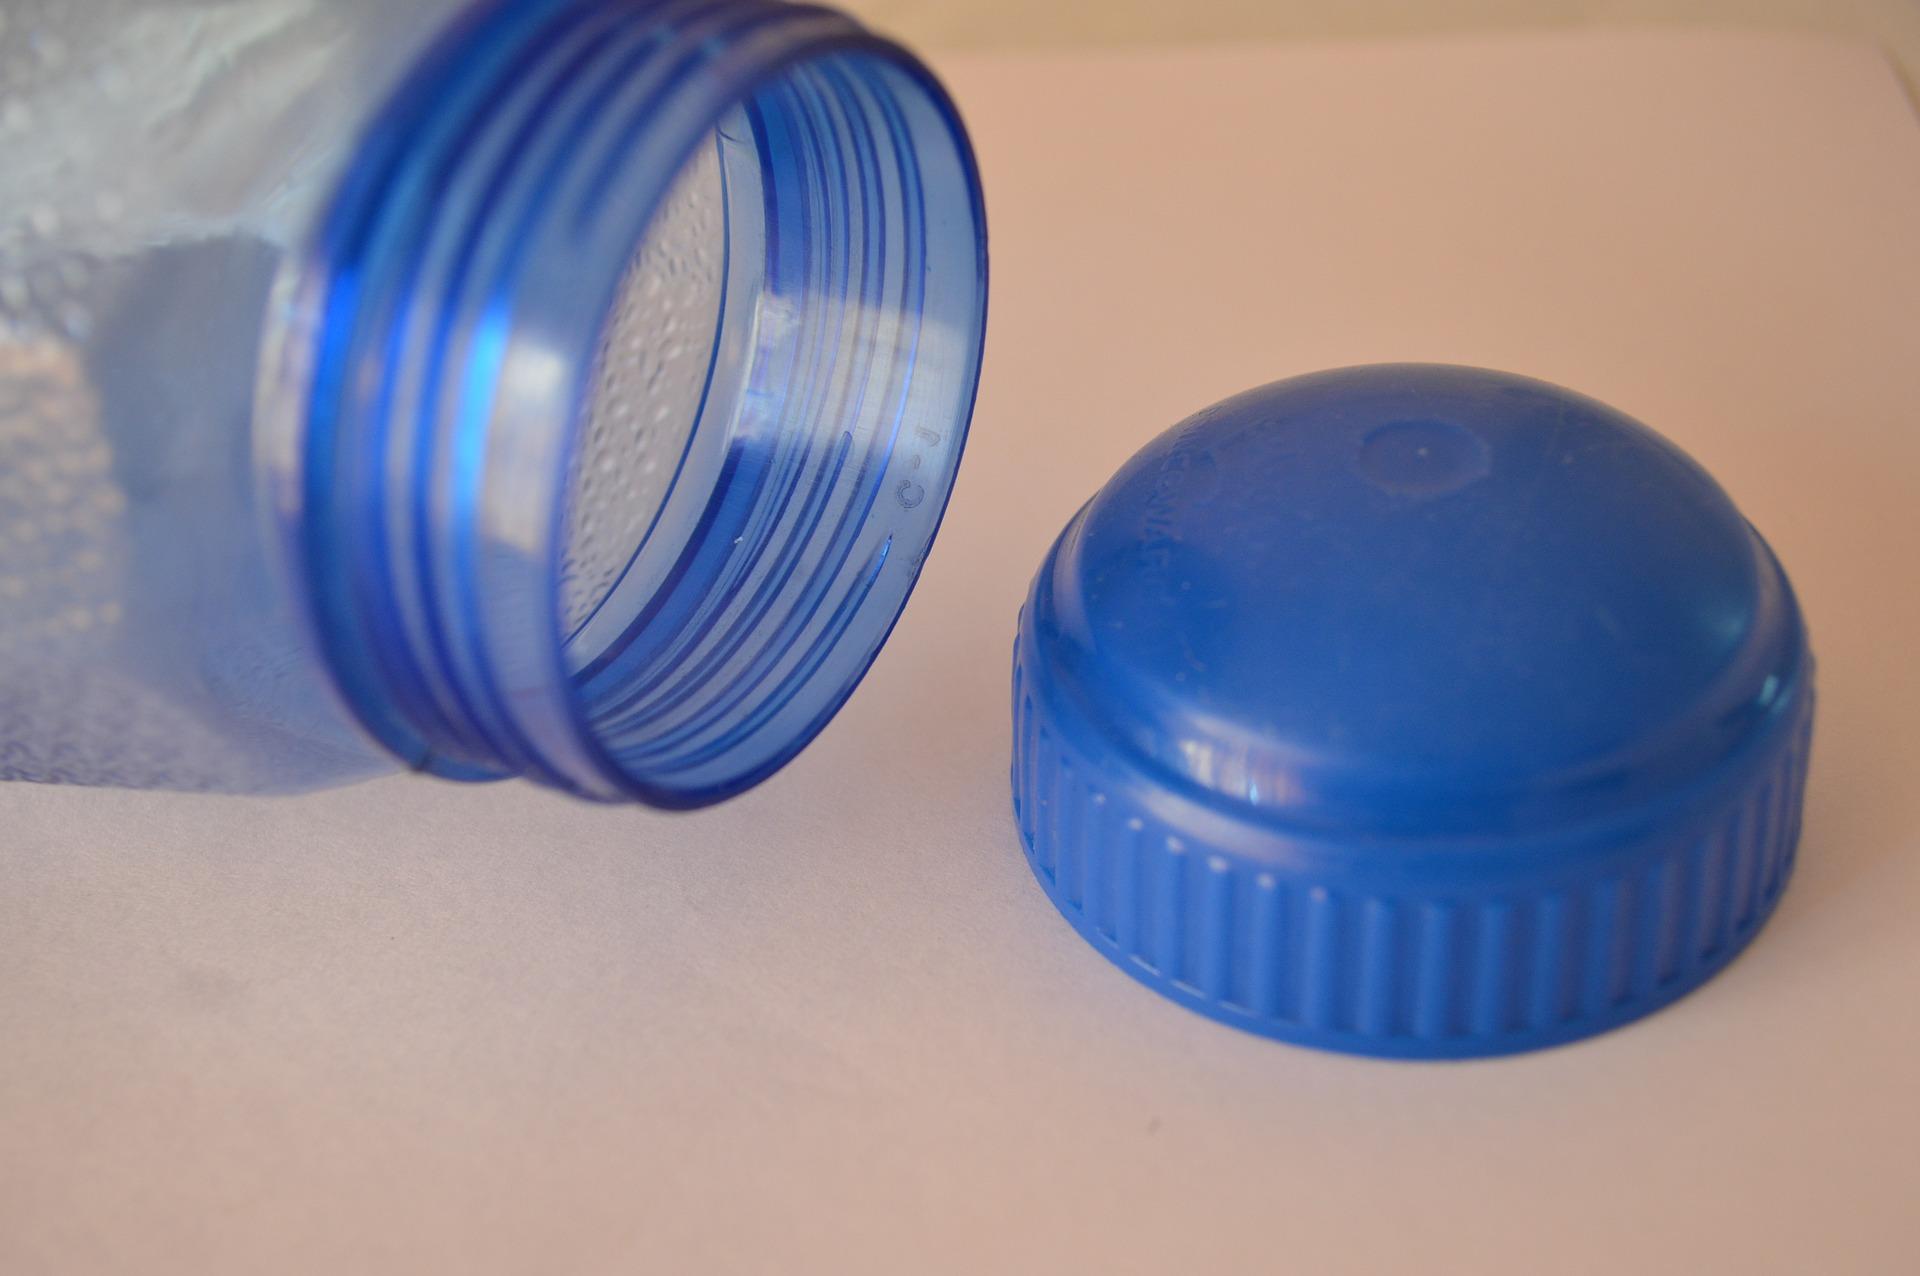 Donate Your Plastic Lids & Bottle Caps!